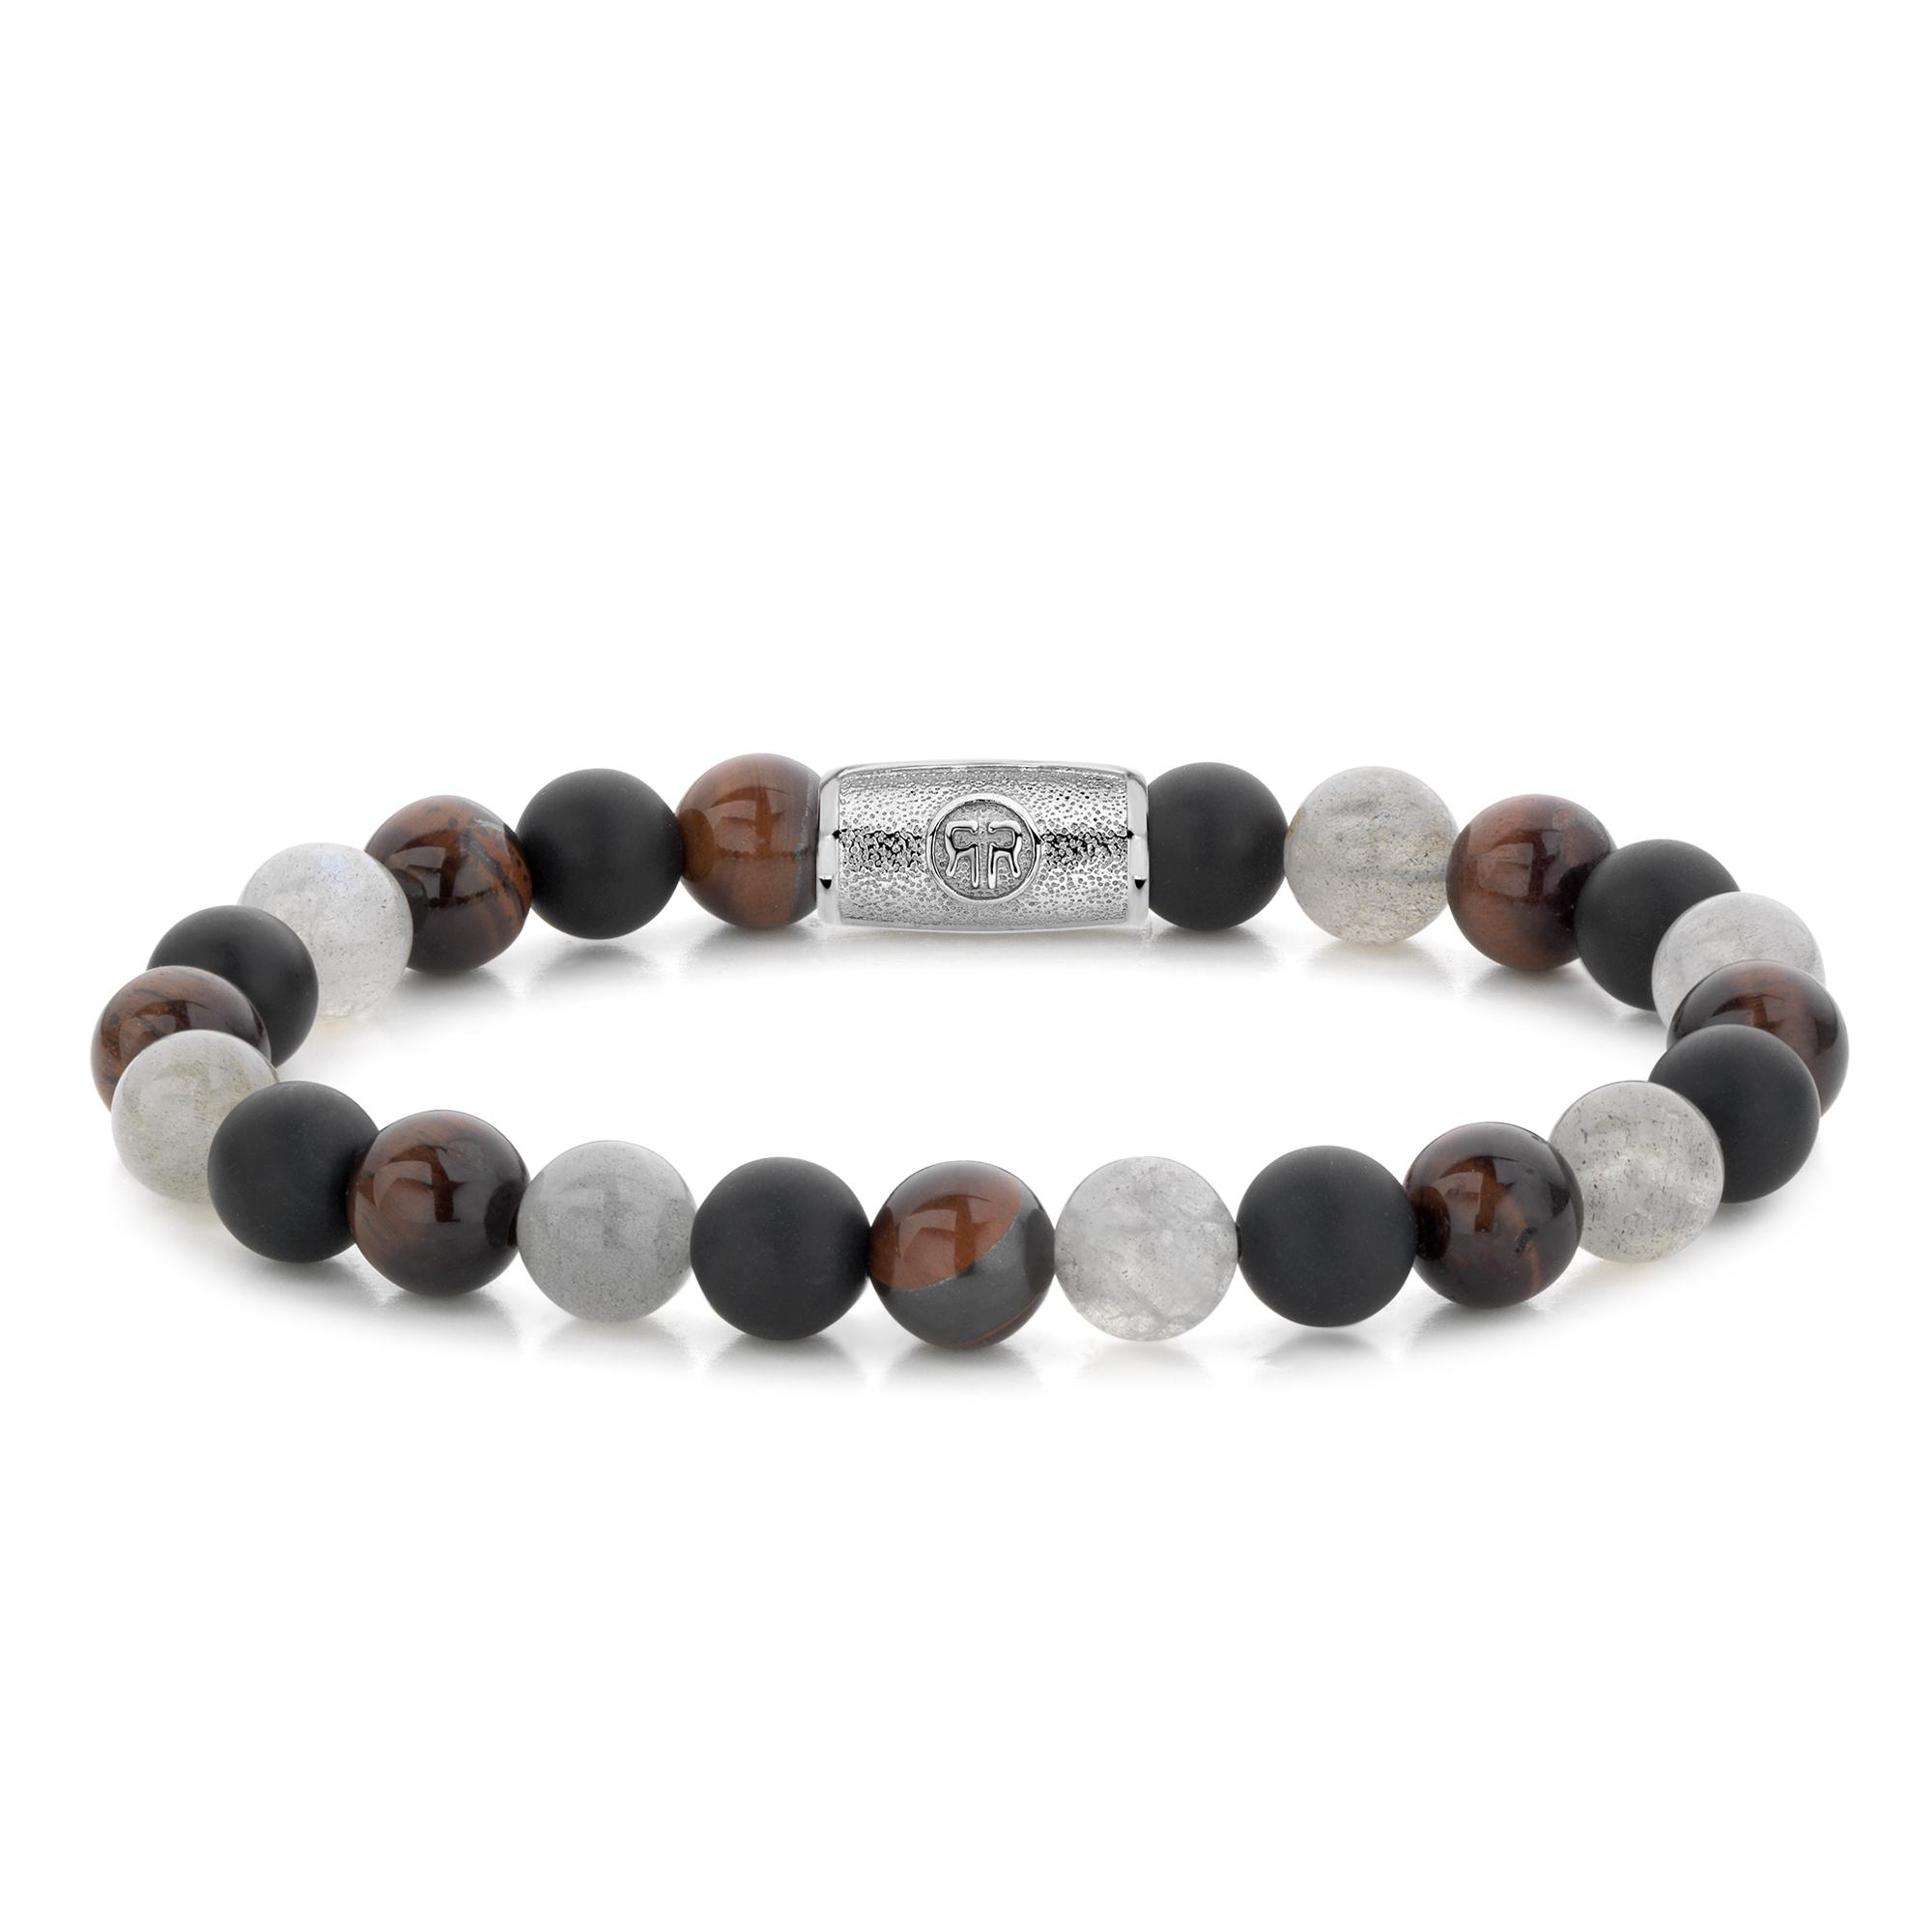 Rebel and Rose RR 80070 S Rekarmband Beads Fall Feelings zilverkleurig wit bruin zwart 8 mm S 16,5 cm